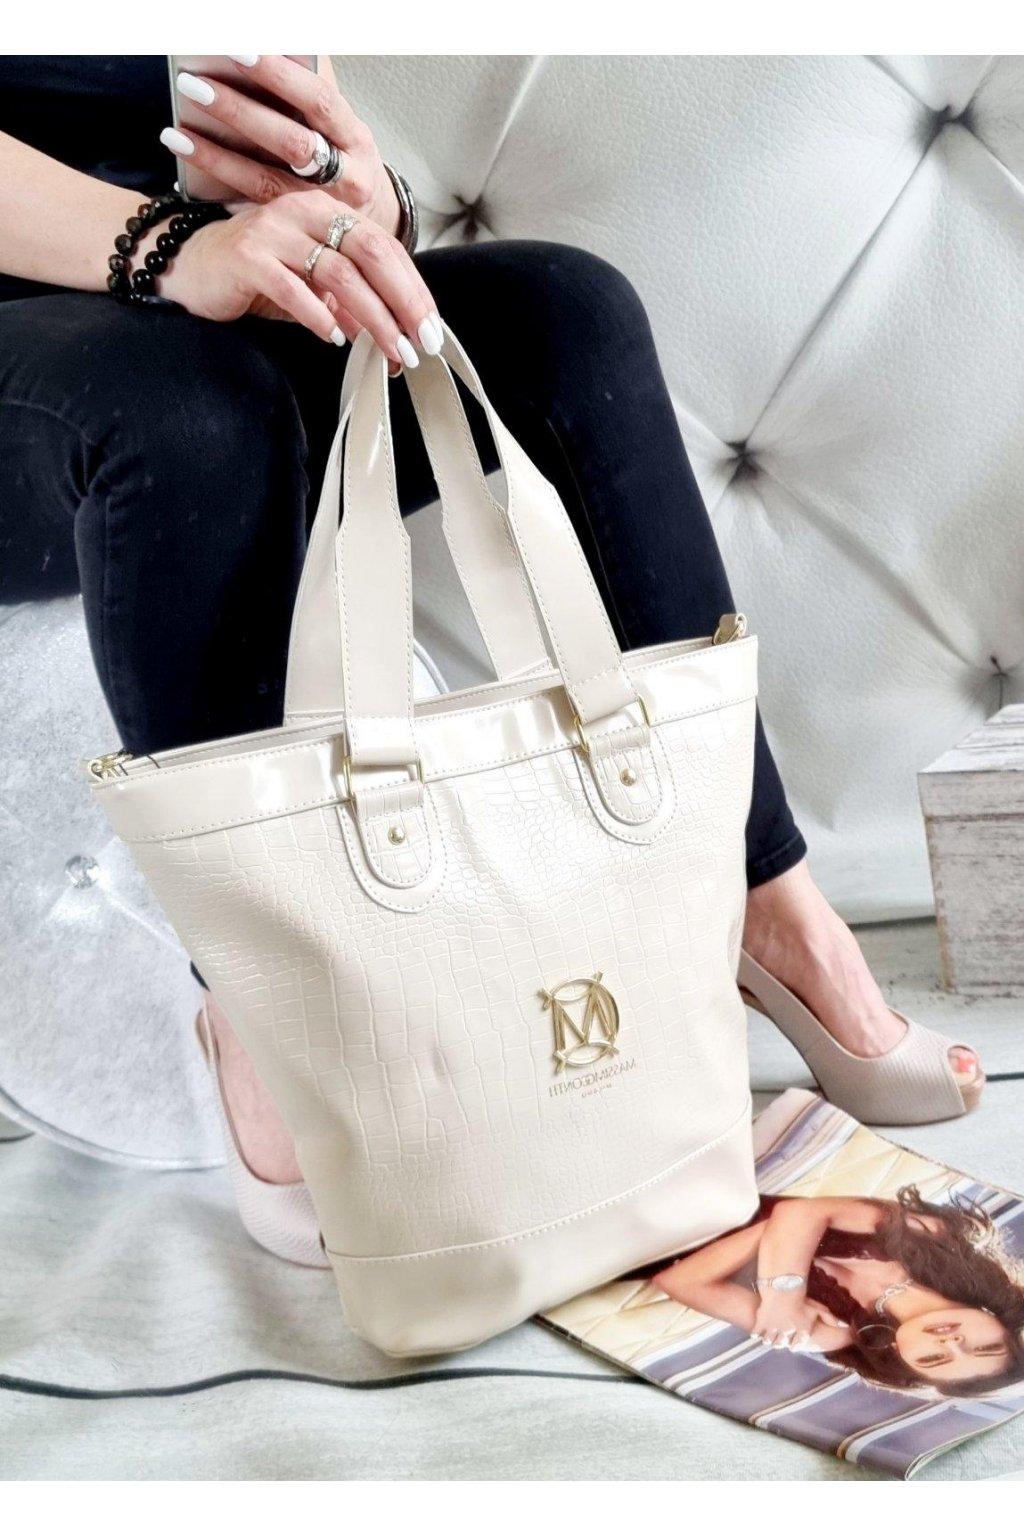 KABELKA MASSIMO contti elegant béžová značková luxusní kabelka